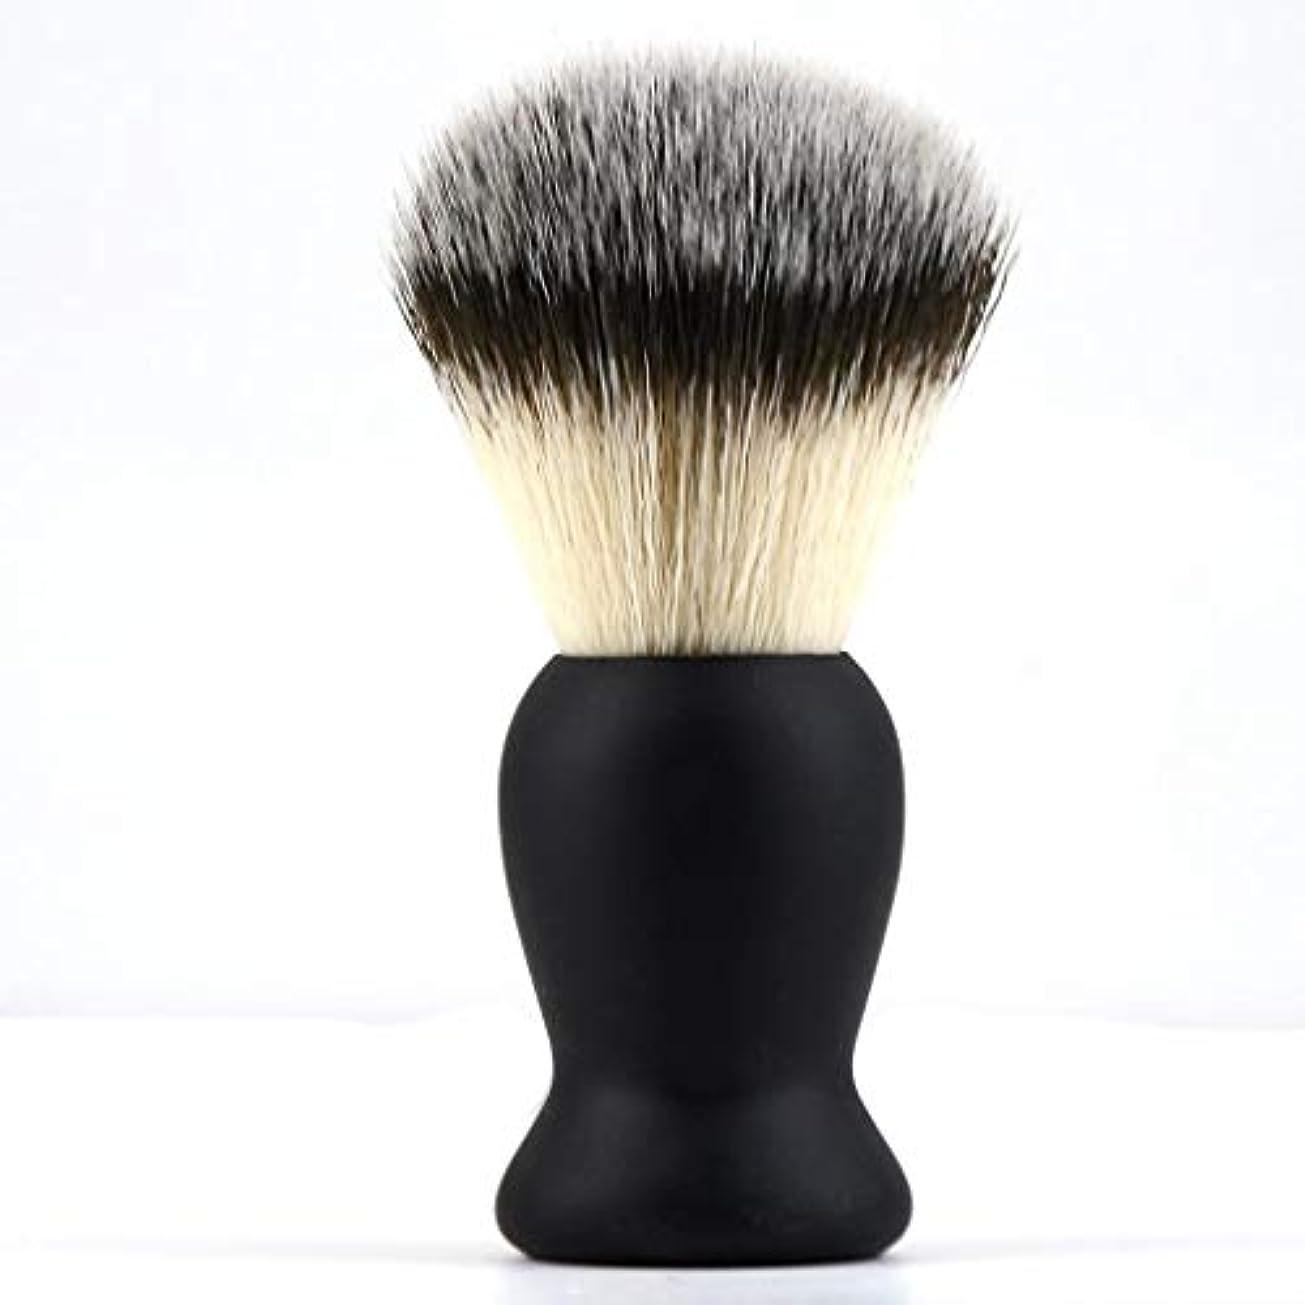 シャワー返済包括的P Prettyia メンズ 理髪用 首/顔 髭剃り シェービングブラシ ひげブラシ 毛髭ブラシ ひげ剃り 理容 洗顔